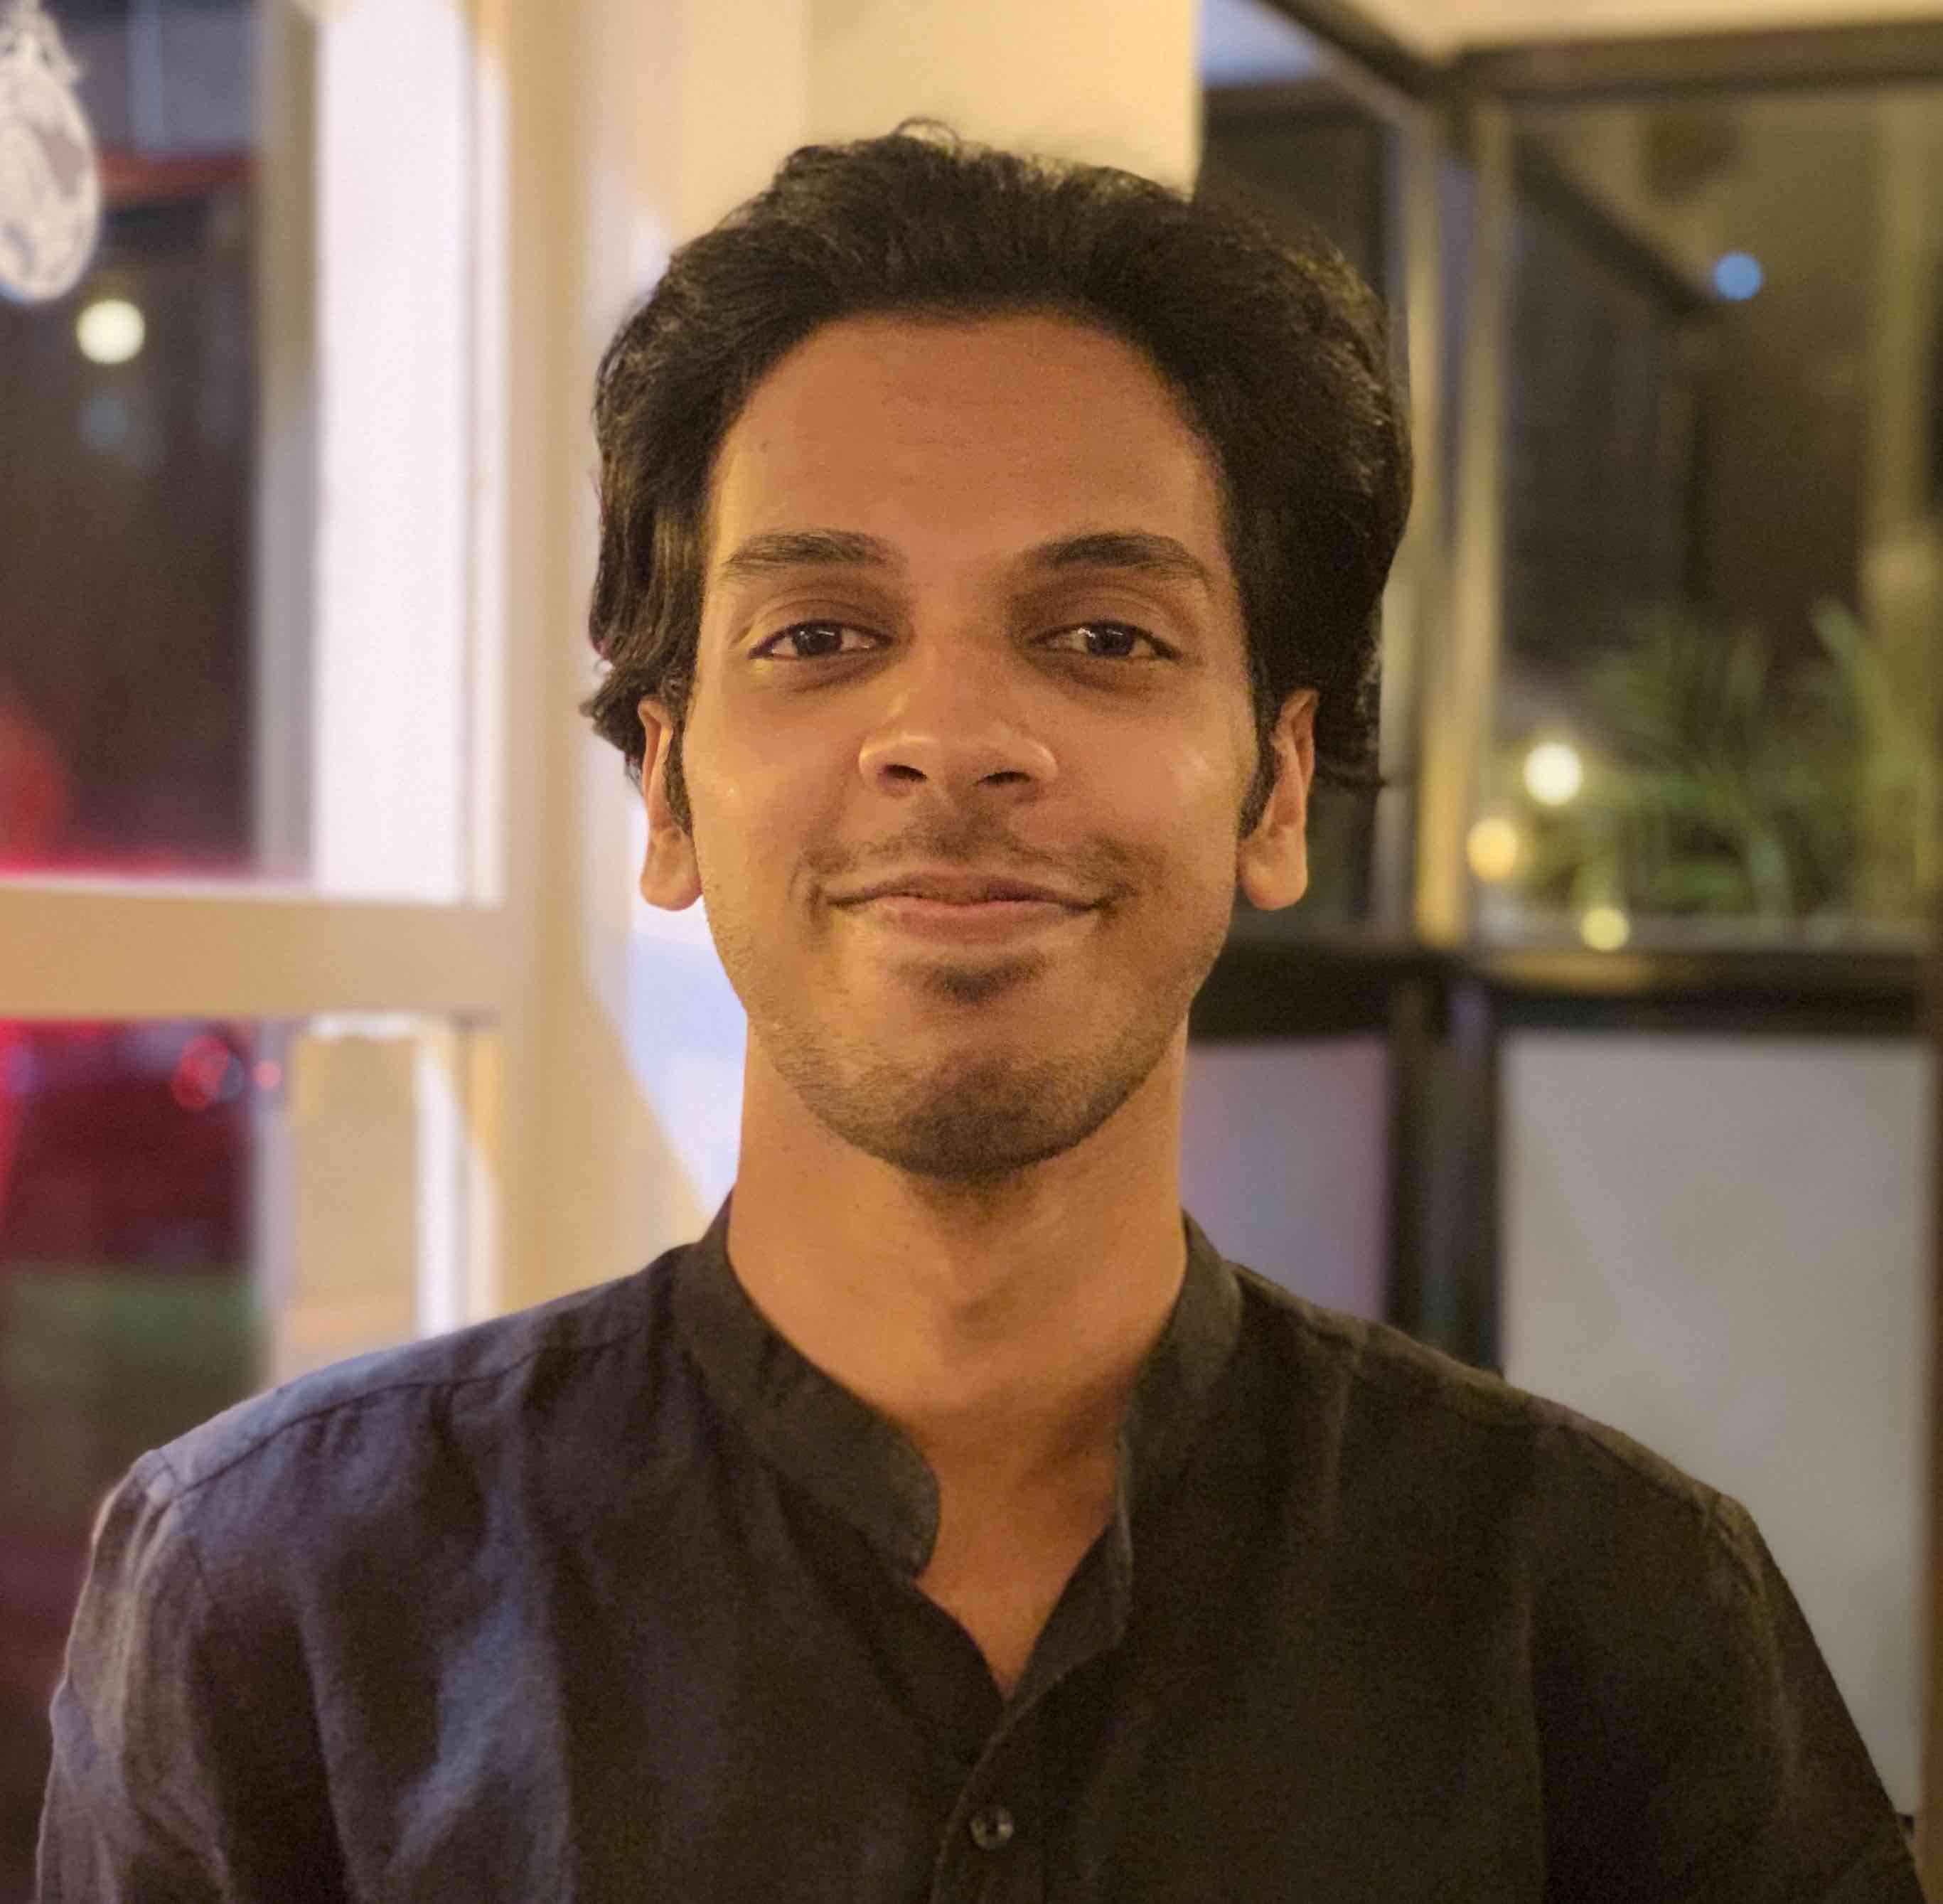 Aashique Alexander